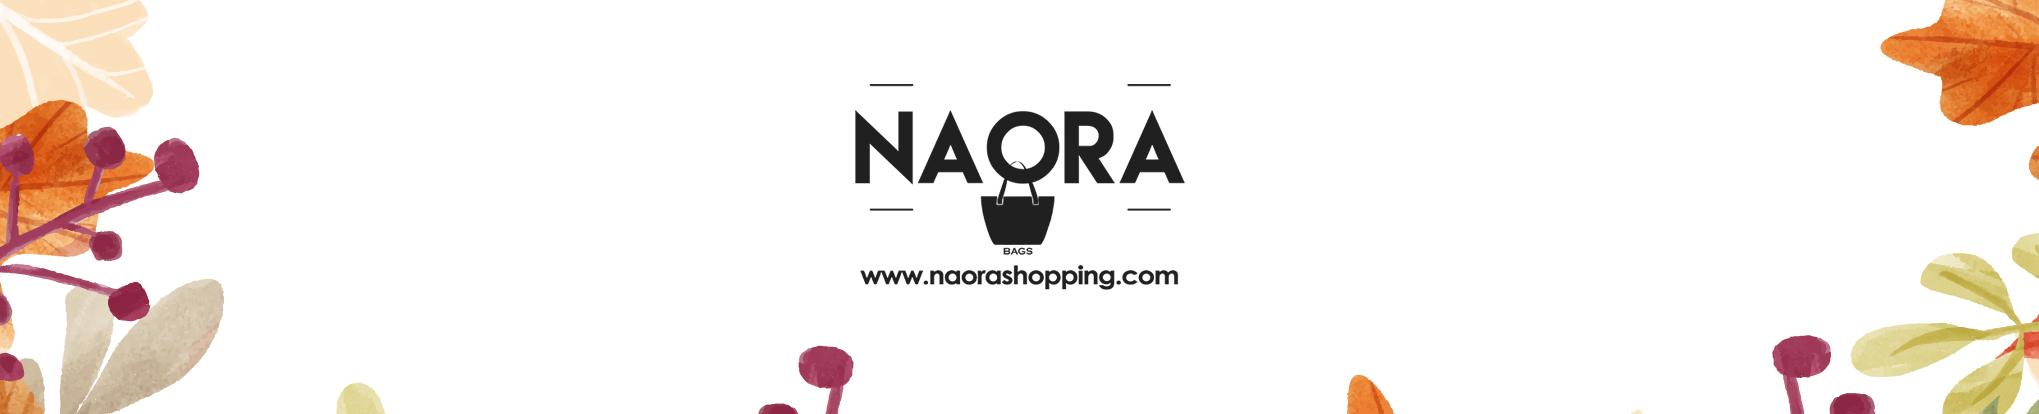 Naora